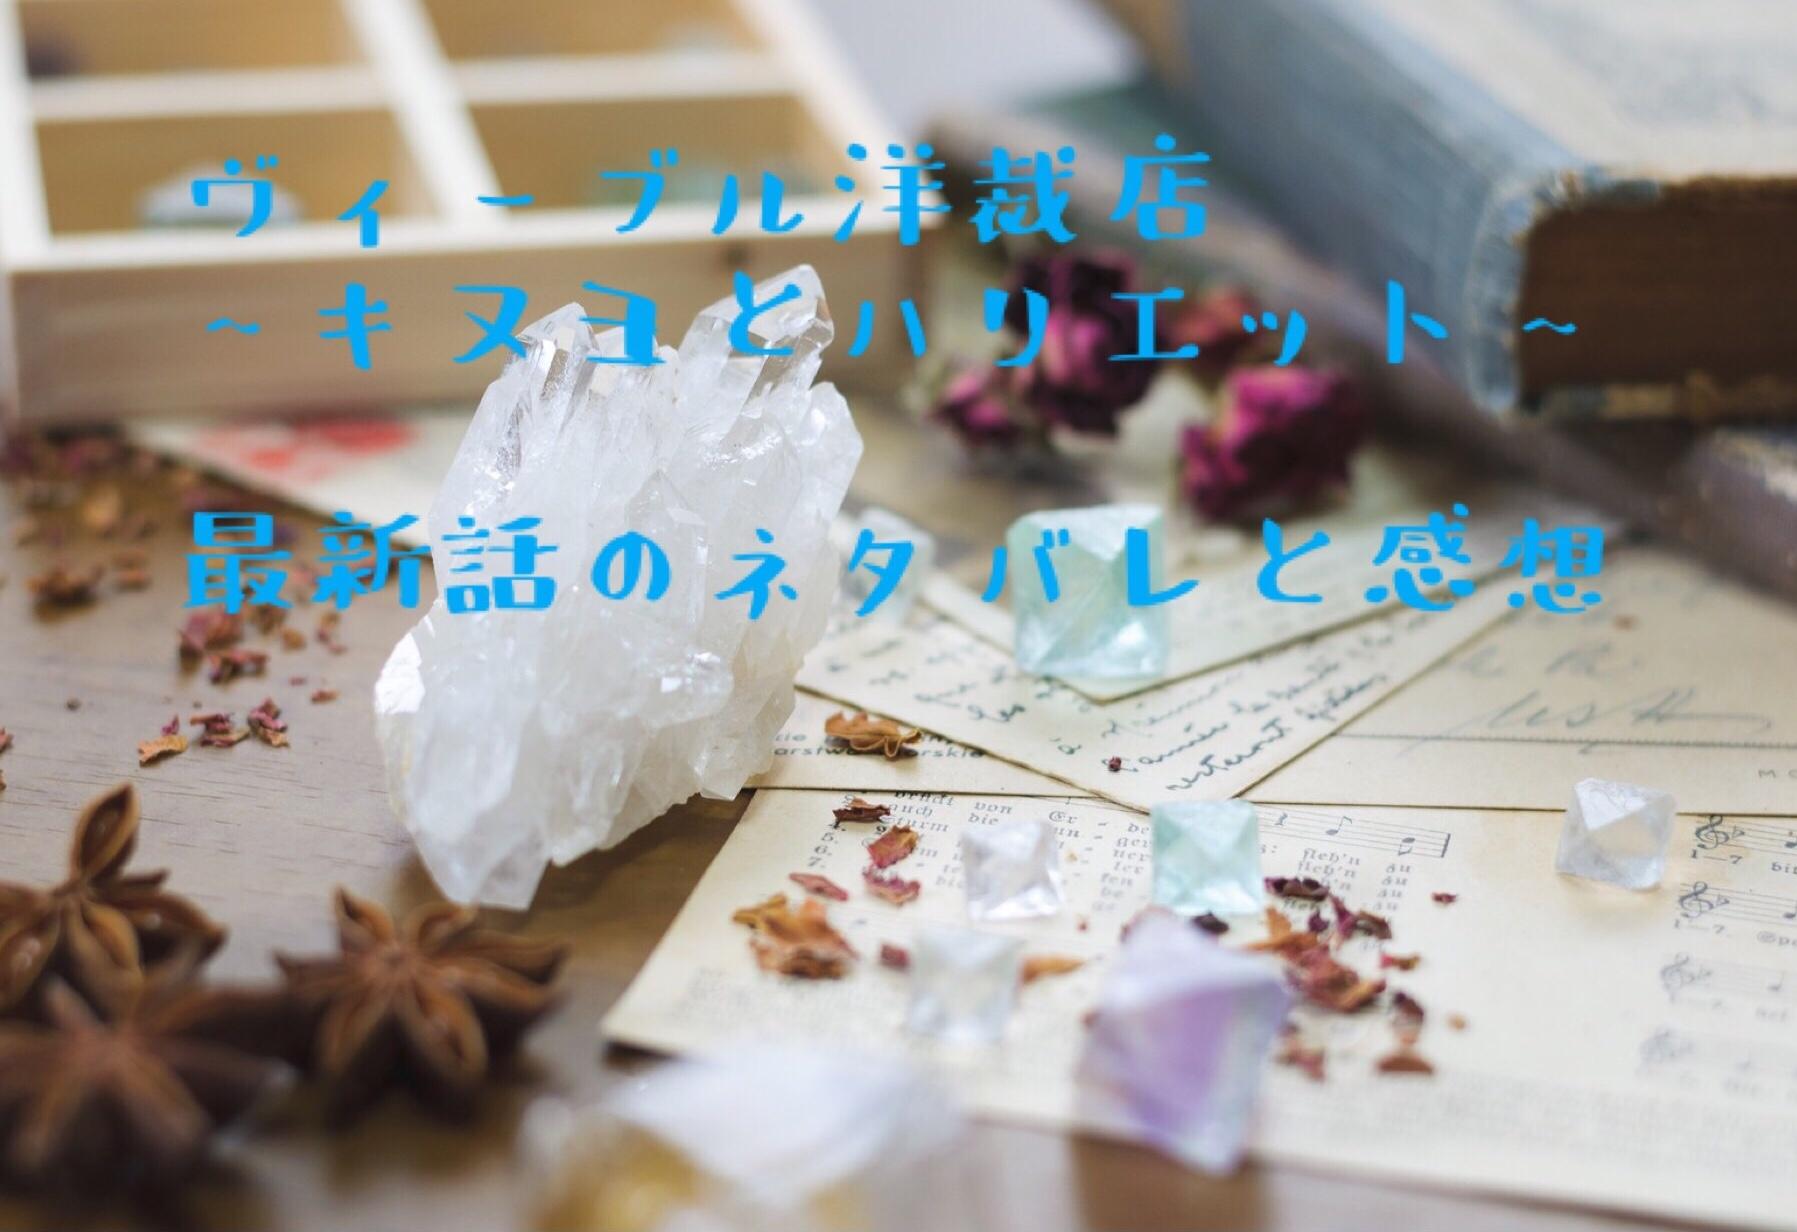 ヴィーヴル洋裁店~キヌヨとハリエット~第4話 最新話のネタバレと感想!